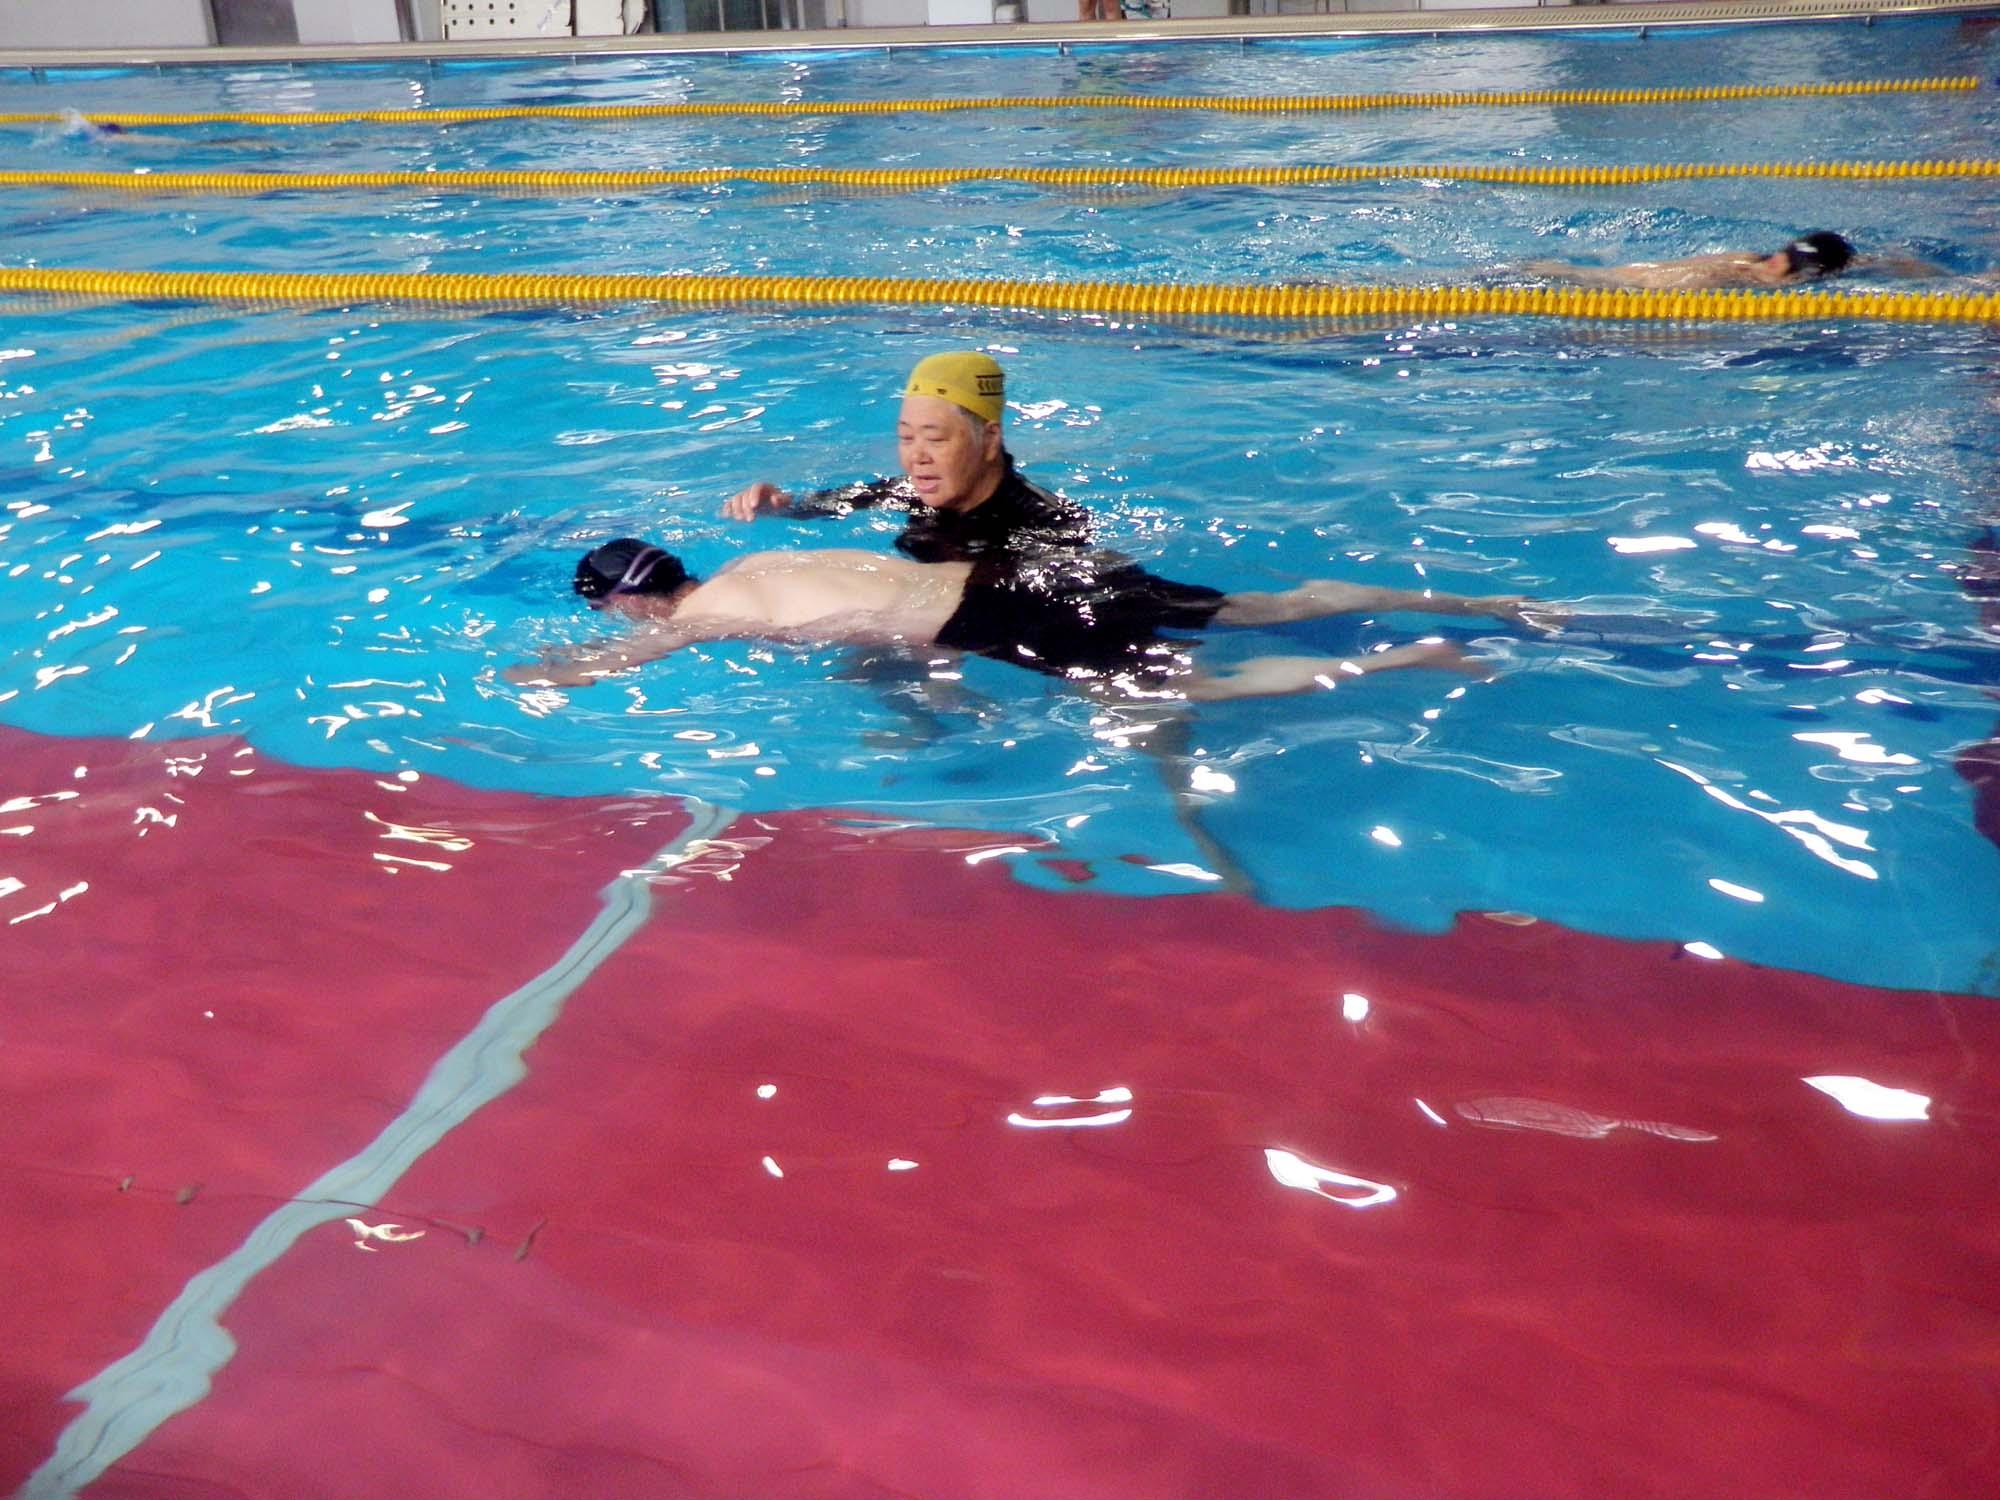 P7130602 - 初心者水泳教室より ・・・ゆっくりと練習しています。